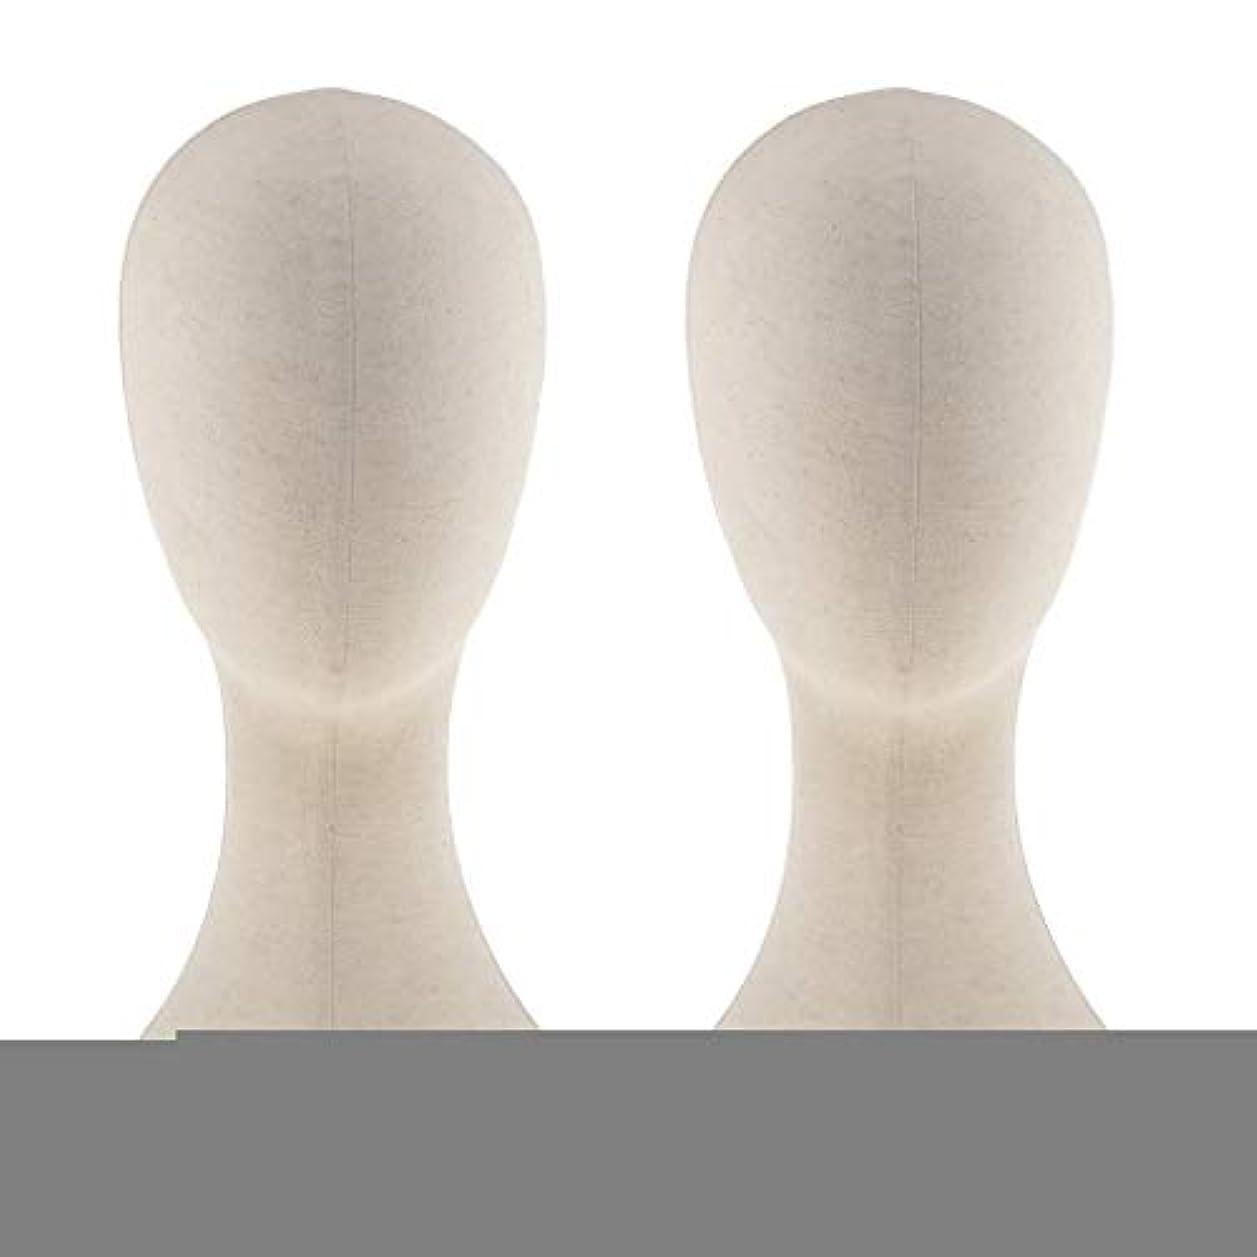 そのような発送信念T TOOYFUL キャンバス マネキン ヘッド トルソー 頭 カット練習 頭部 女性 ウィッグマネキン ウィッグスタンド2個